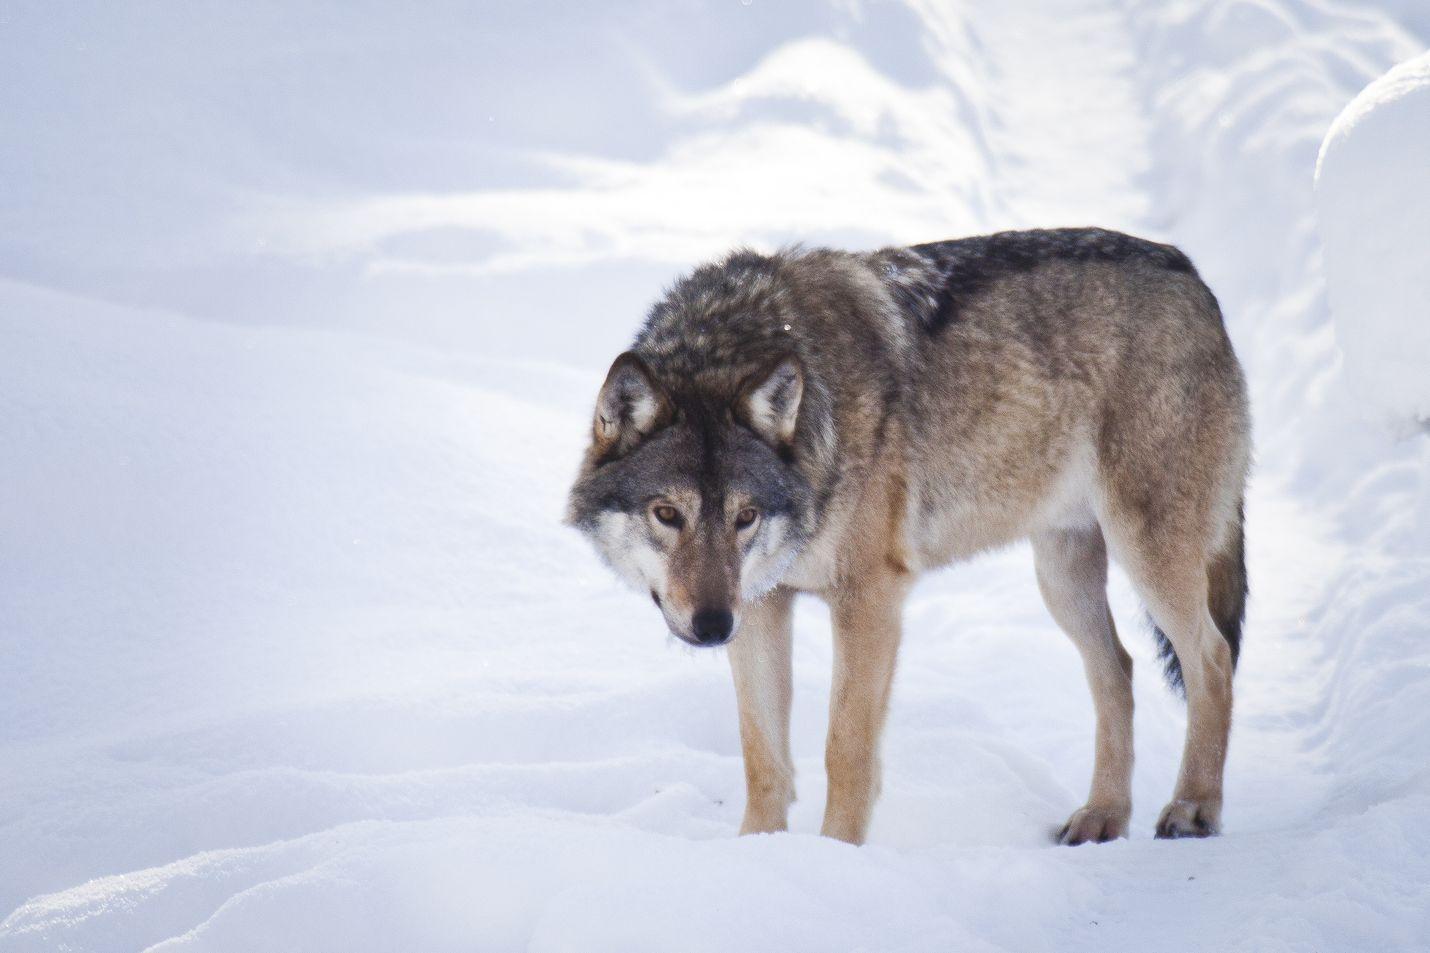 Rajavartiolaitos tutkii epäilyjä luonnonvaraisiin susiin kohdistuneista metsästysrikoksista Kuhmossa. Tämä susi on sen sijaan kuvattu Ranuan eläinpuistossa.